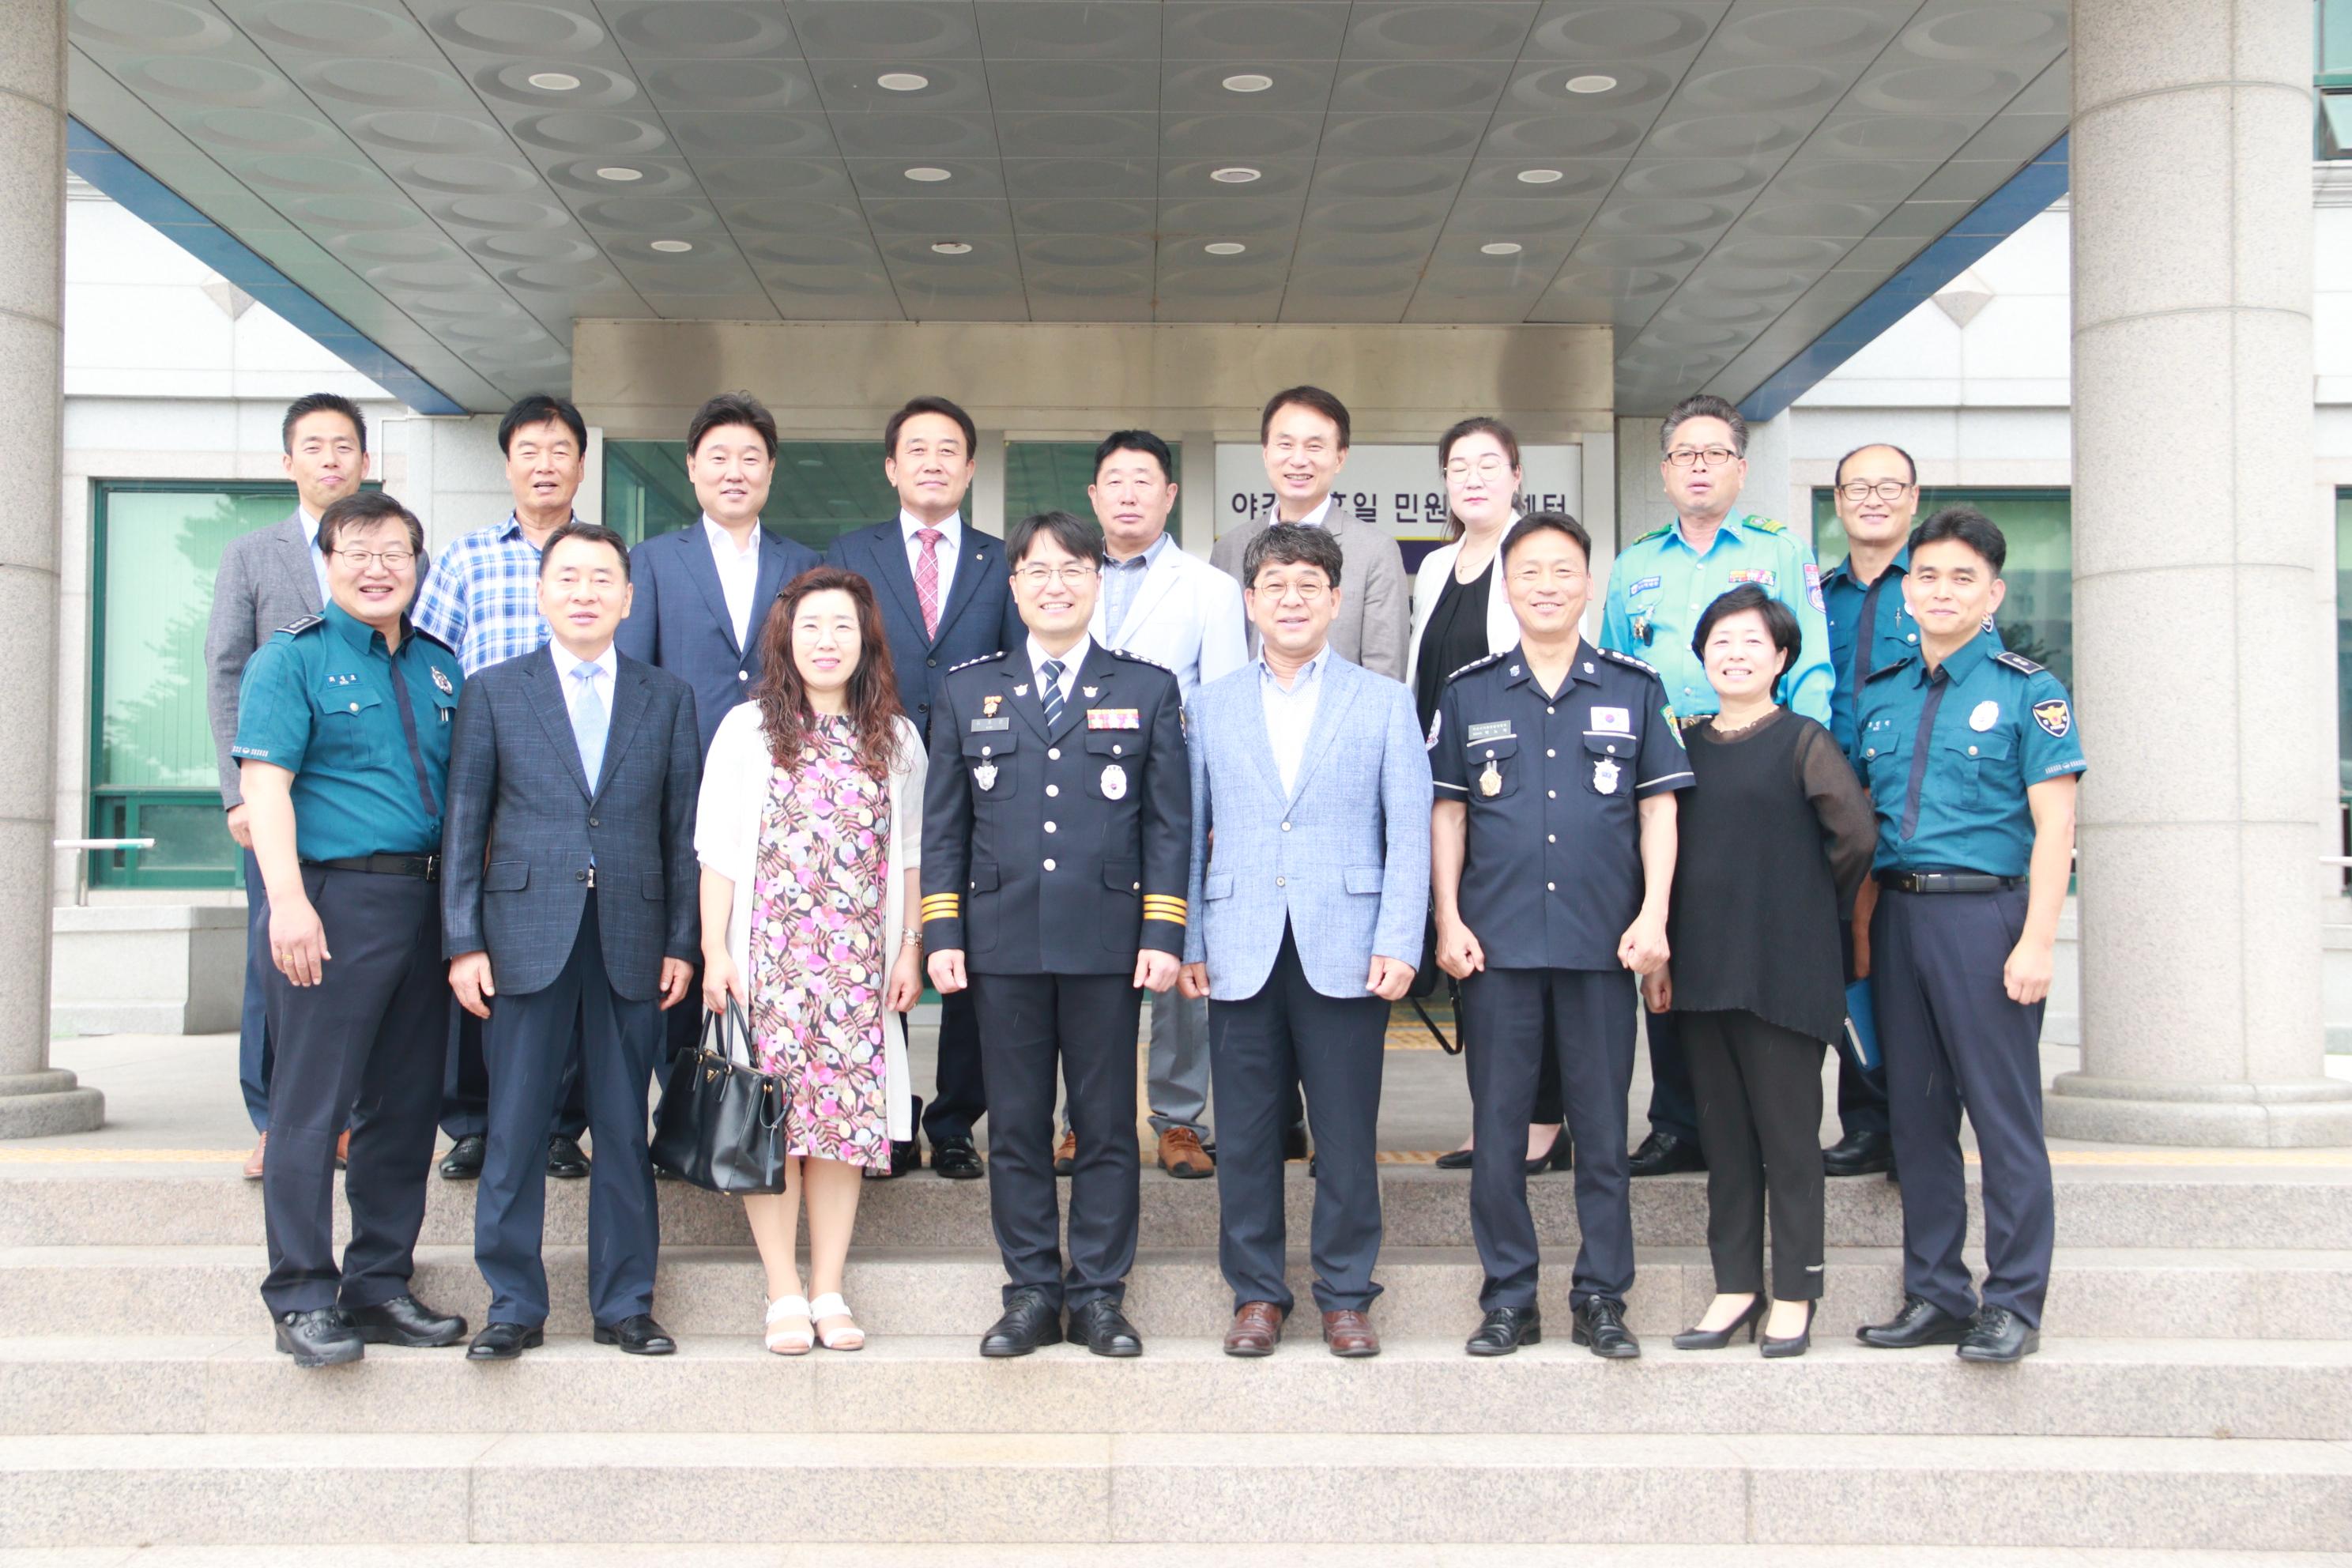 김종관 아산서장이 부임 후 협력단체장들과 기념촬영을 하고 있는 모습